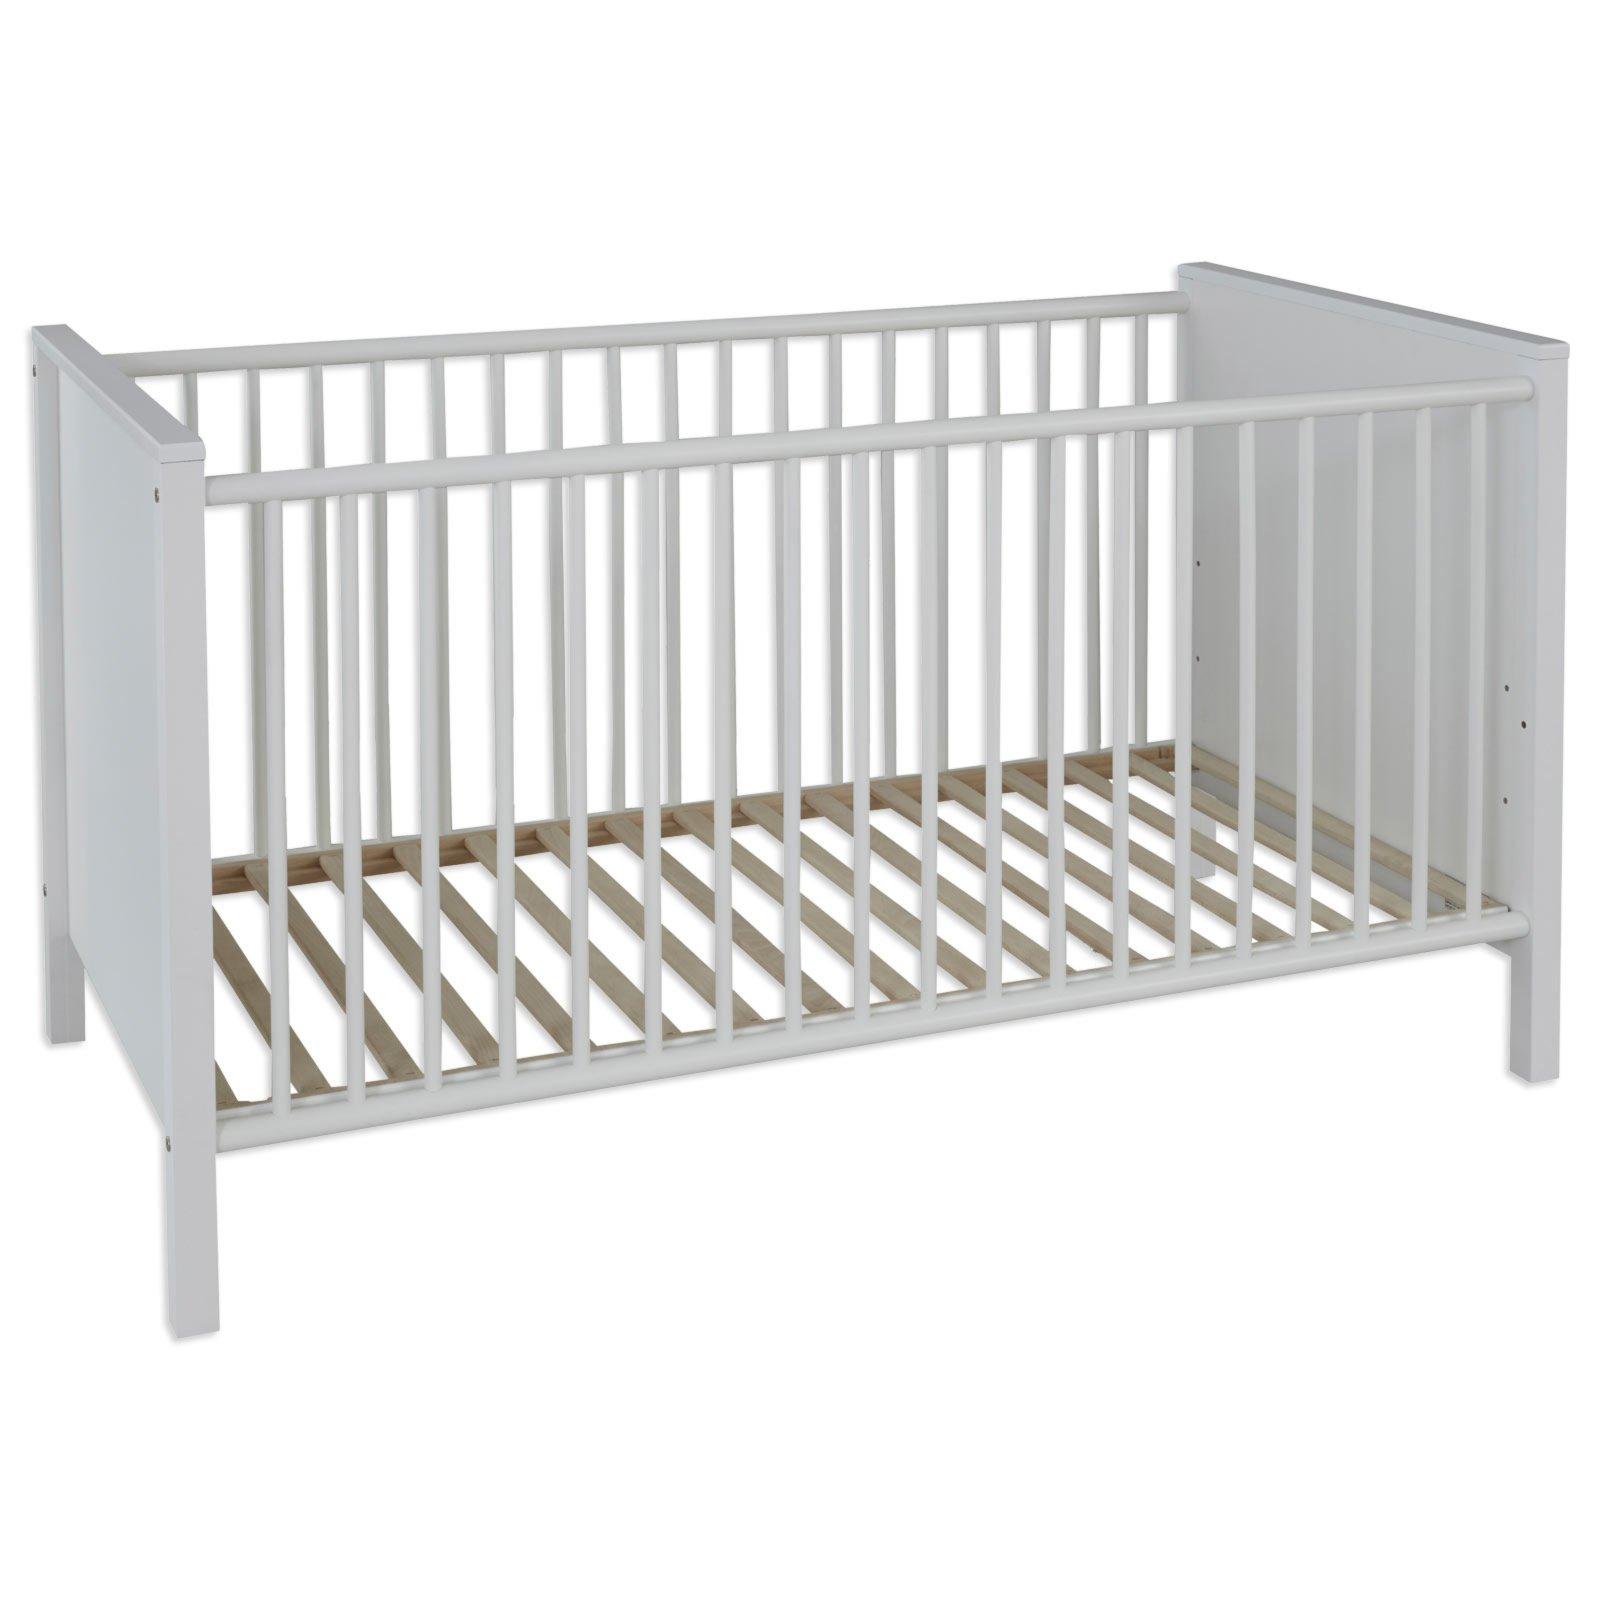 babybett ole wei 70x140 cm babybetten kinderbetten betten m bel roller m belhaus. Black Bedroom Furniture Sets. Home Design Ideas